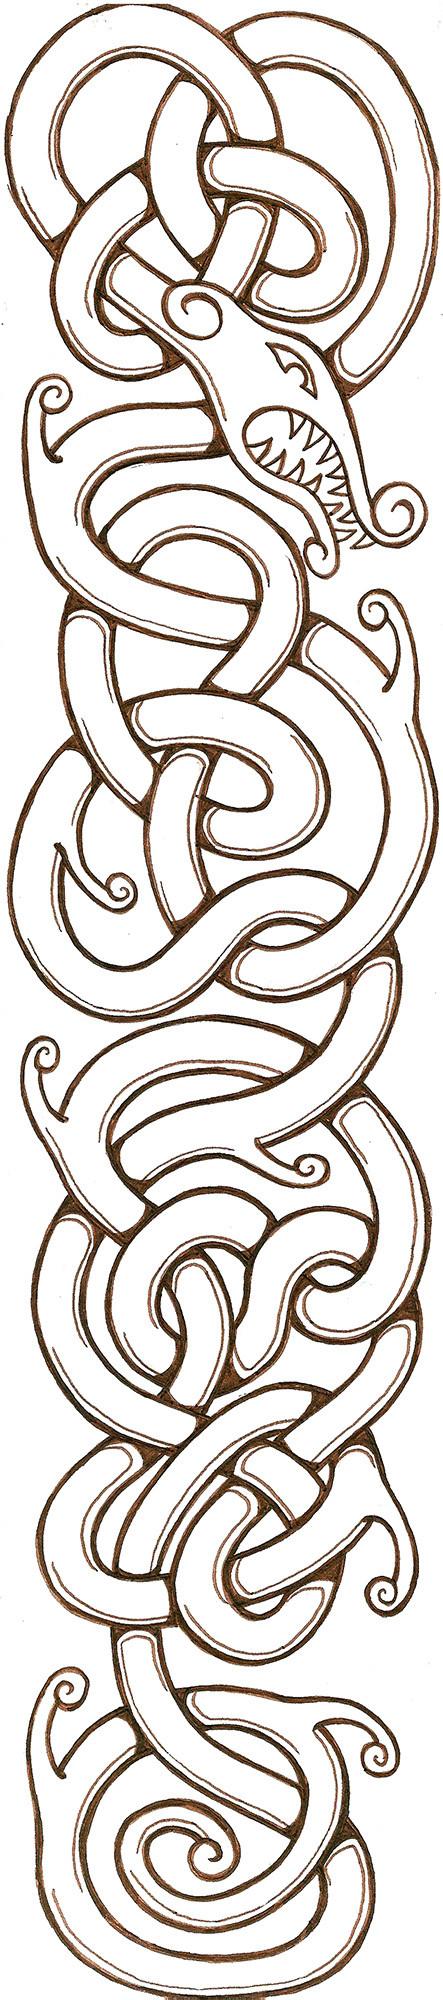 Artstation Viking Knot Jacob Thompson